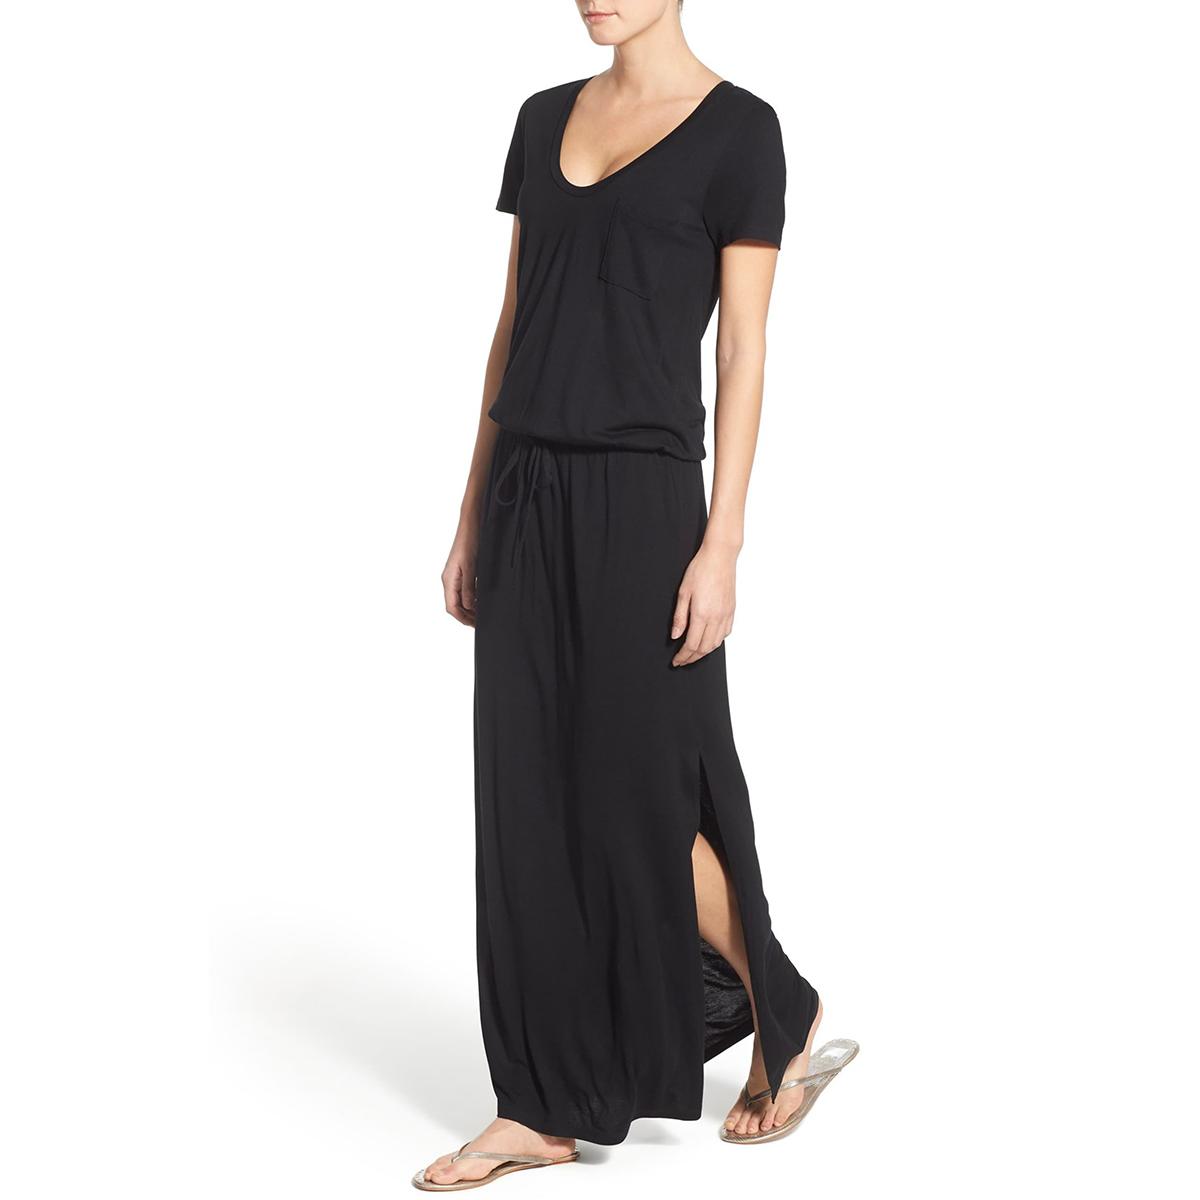 Caslon Dress 2